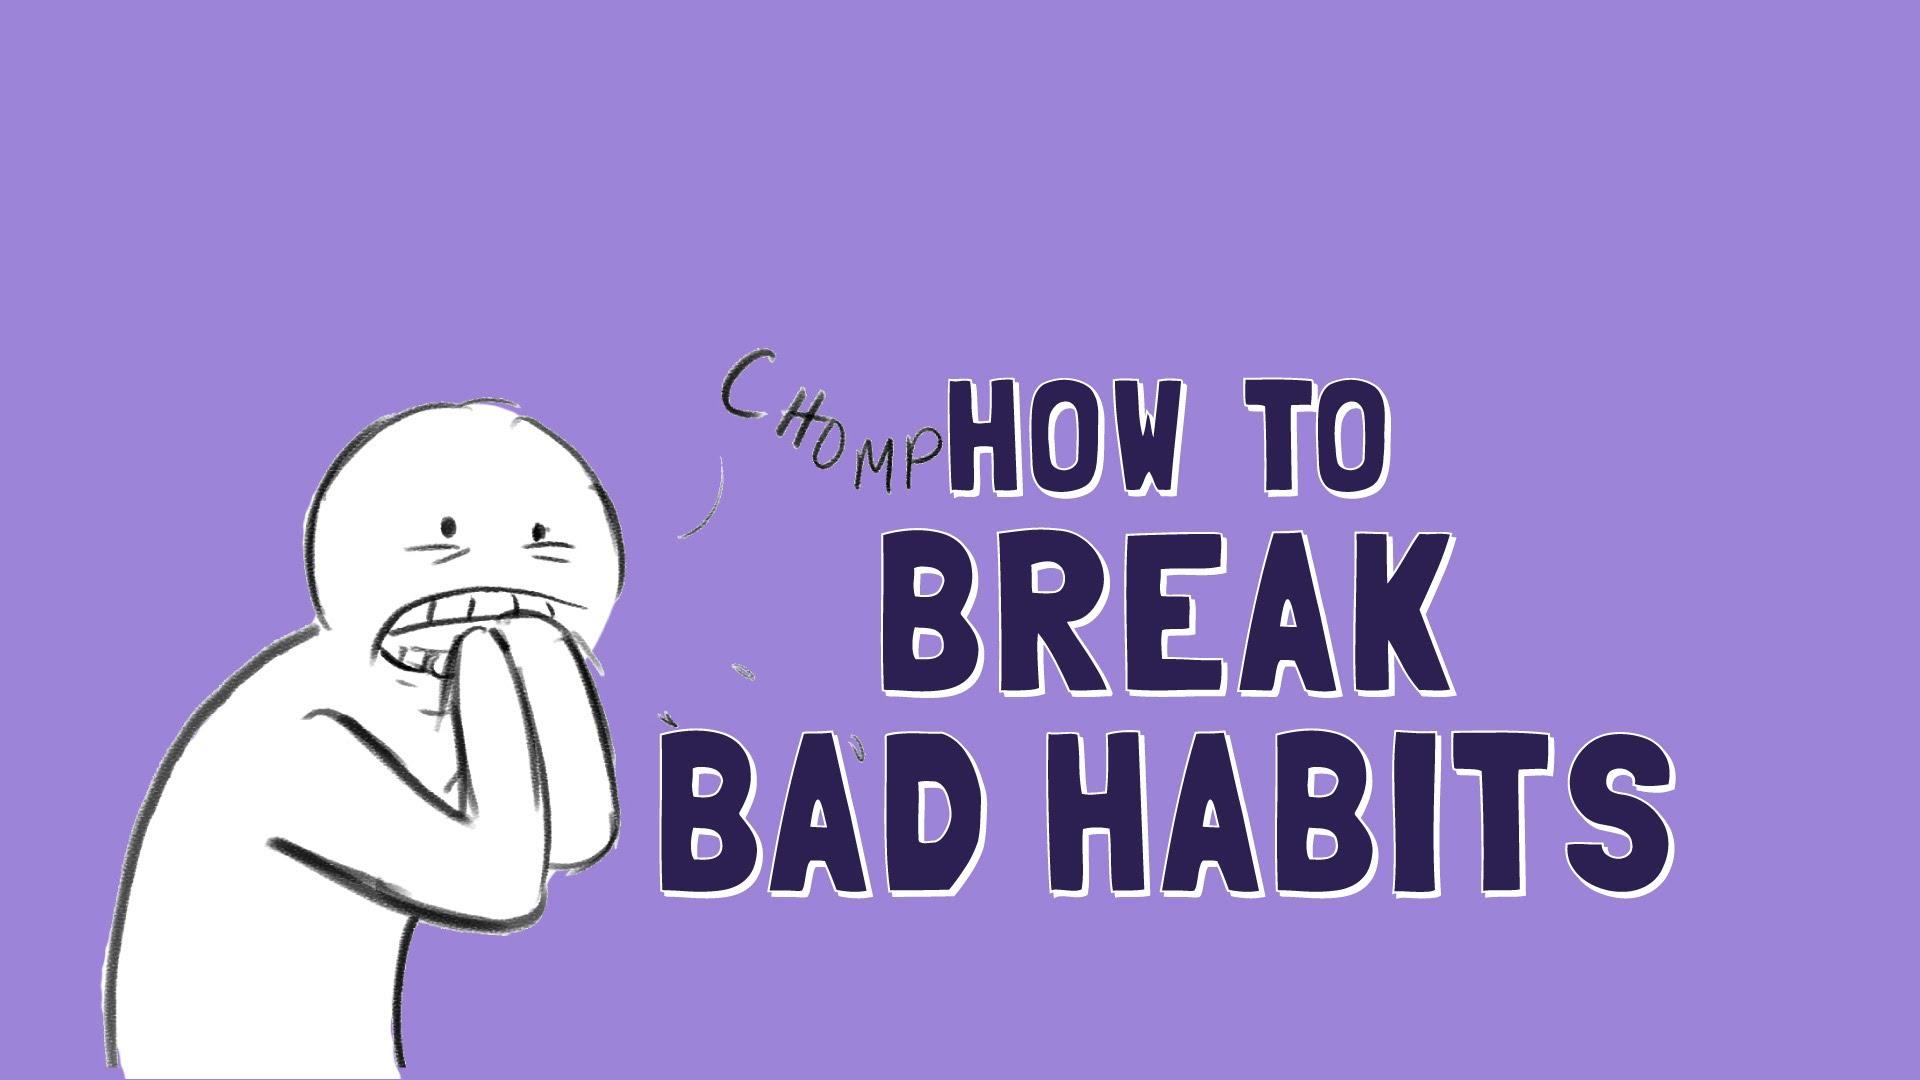 「如何戒掉壞習慣?」- How to Break Bad Habits